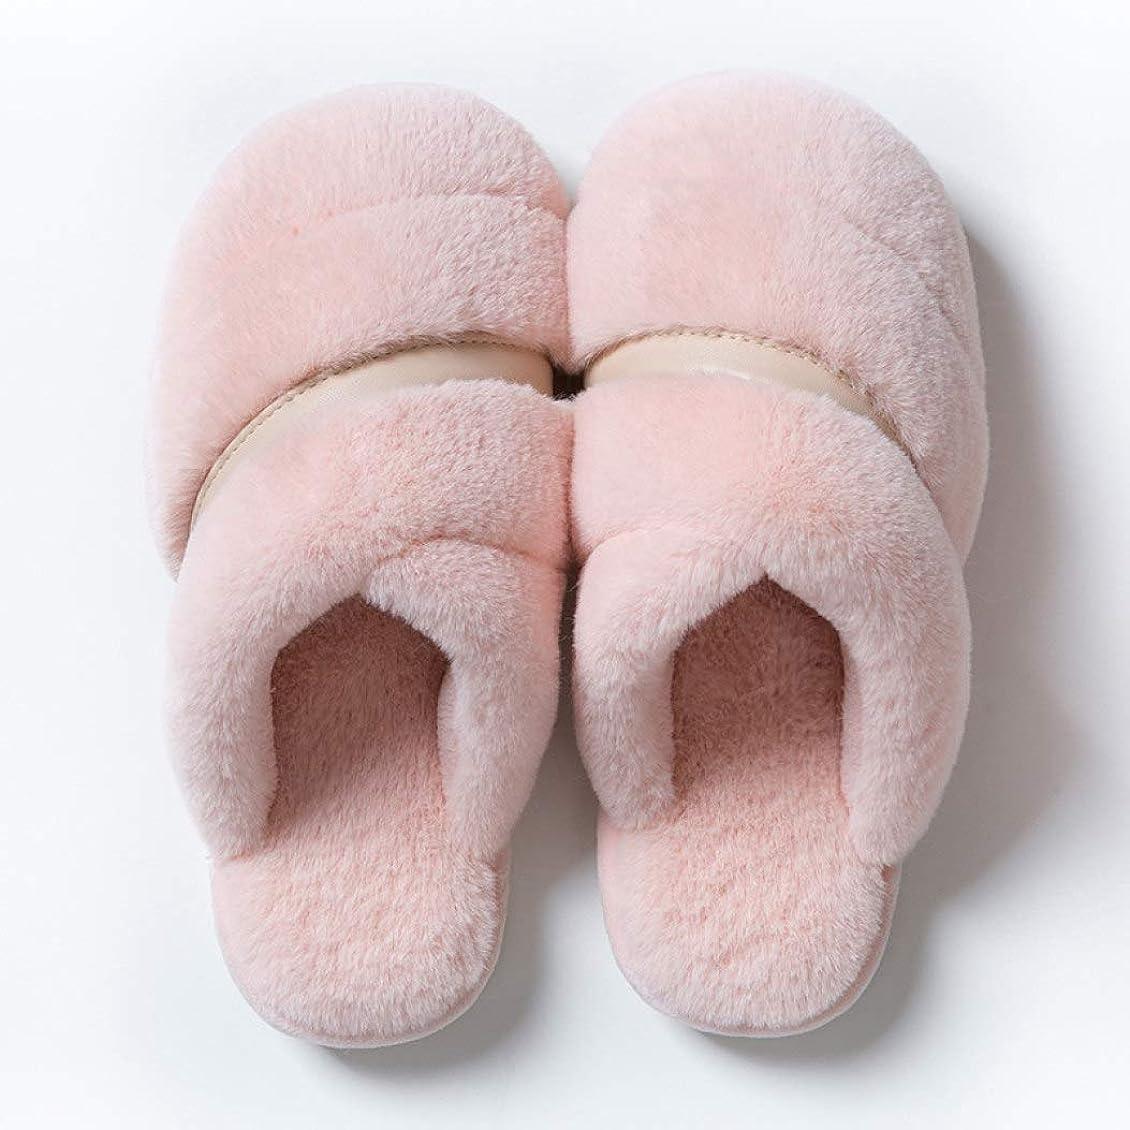 豊かにするかもしれない二[HSFEO] ルームシューズ 柔らか スリッパ 滑り止め レディース カップル おしゃれ もこもこ 来客用 男女兼用 洗える あたたっか 春秋冬 防寒 抗菌 防音 脱ぎ履きやすい 冷え対策 冬小物 室内履き